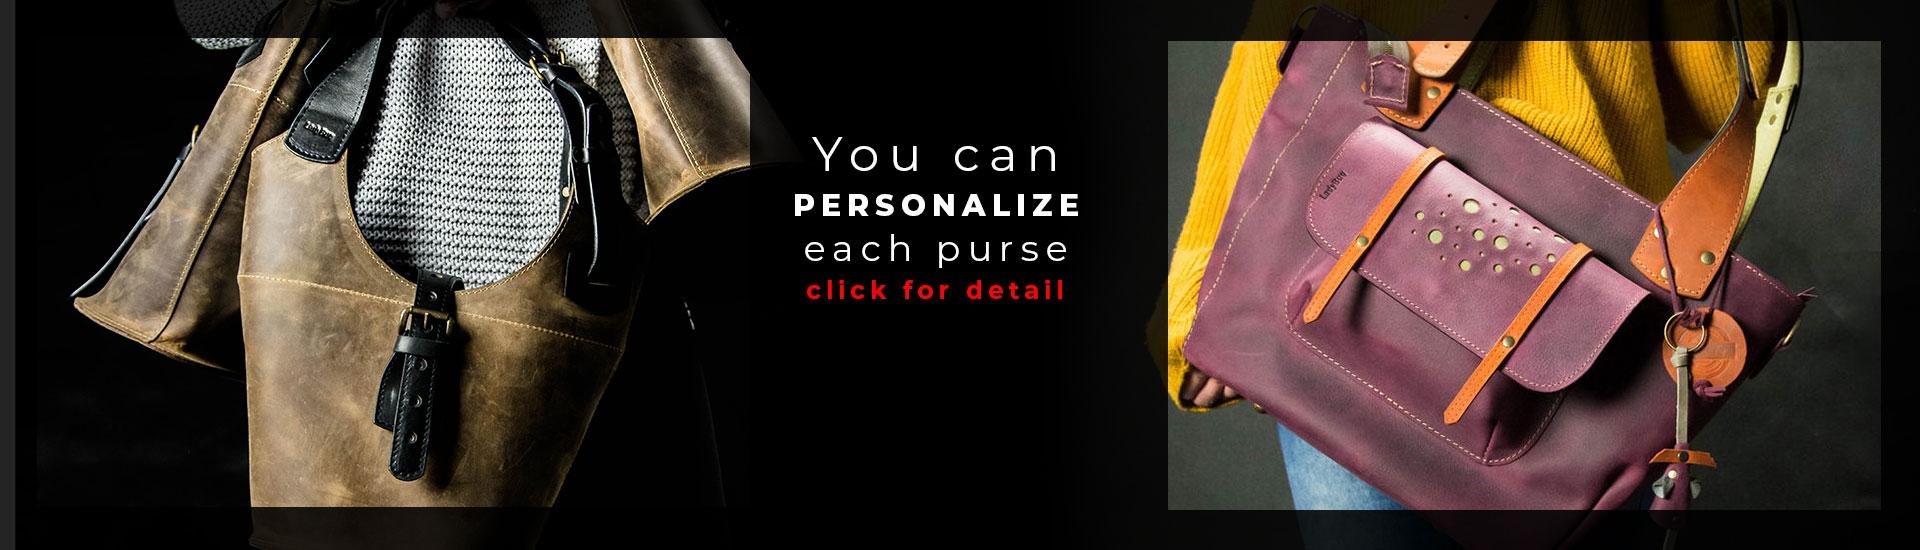 Wir stürzen den Mythos, dass es keine perfekte Tasche gibt! Dank unserer Personalisierungsoption können Sie jetzt eine Tasche kaufen, die Ihre Anforderungen zu 100% übertrifft!